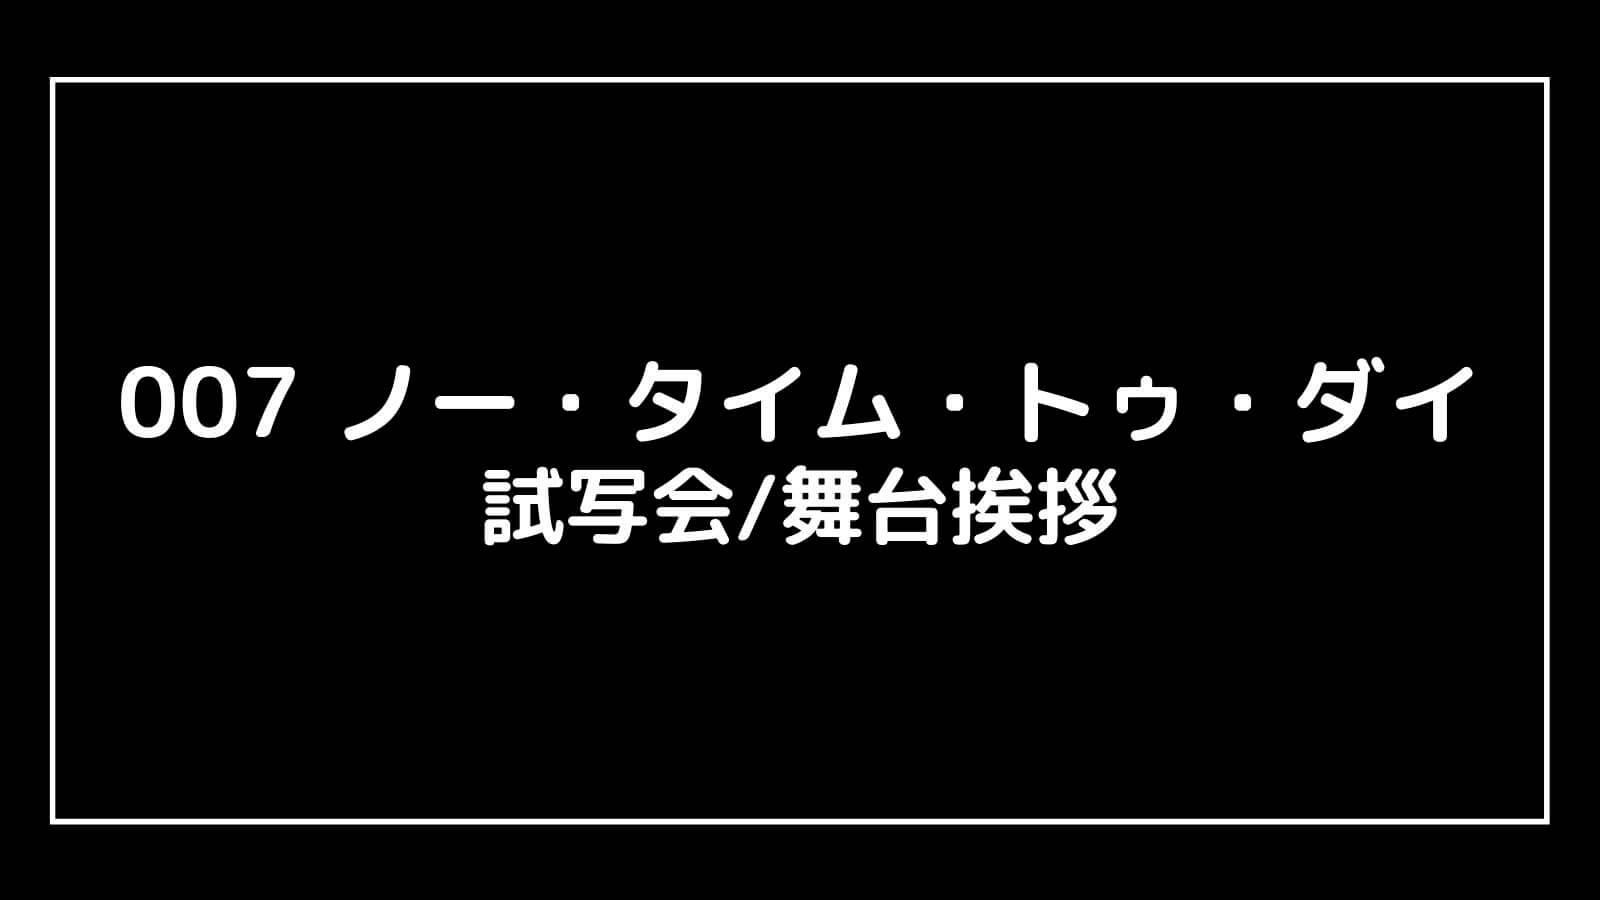 映画『007 ノー・タイム・トゥ・ダイ』の試写会と舞台挨拶情報